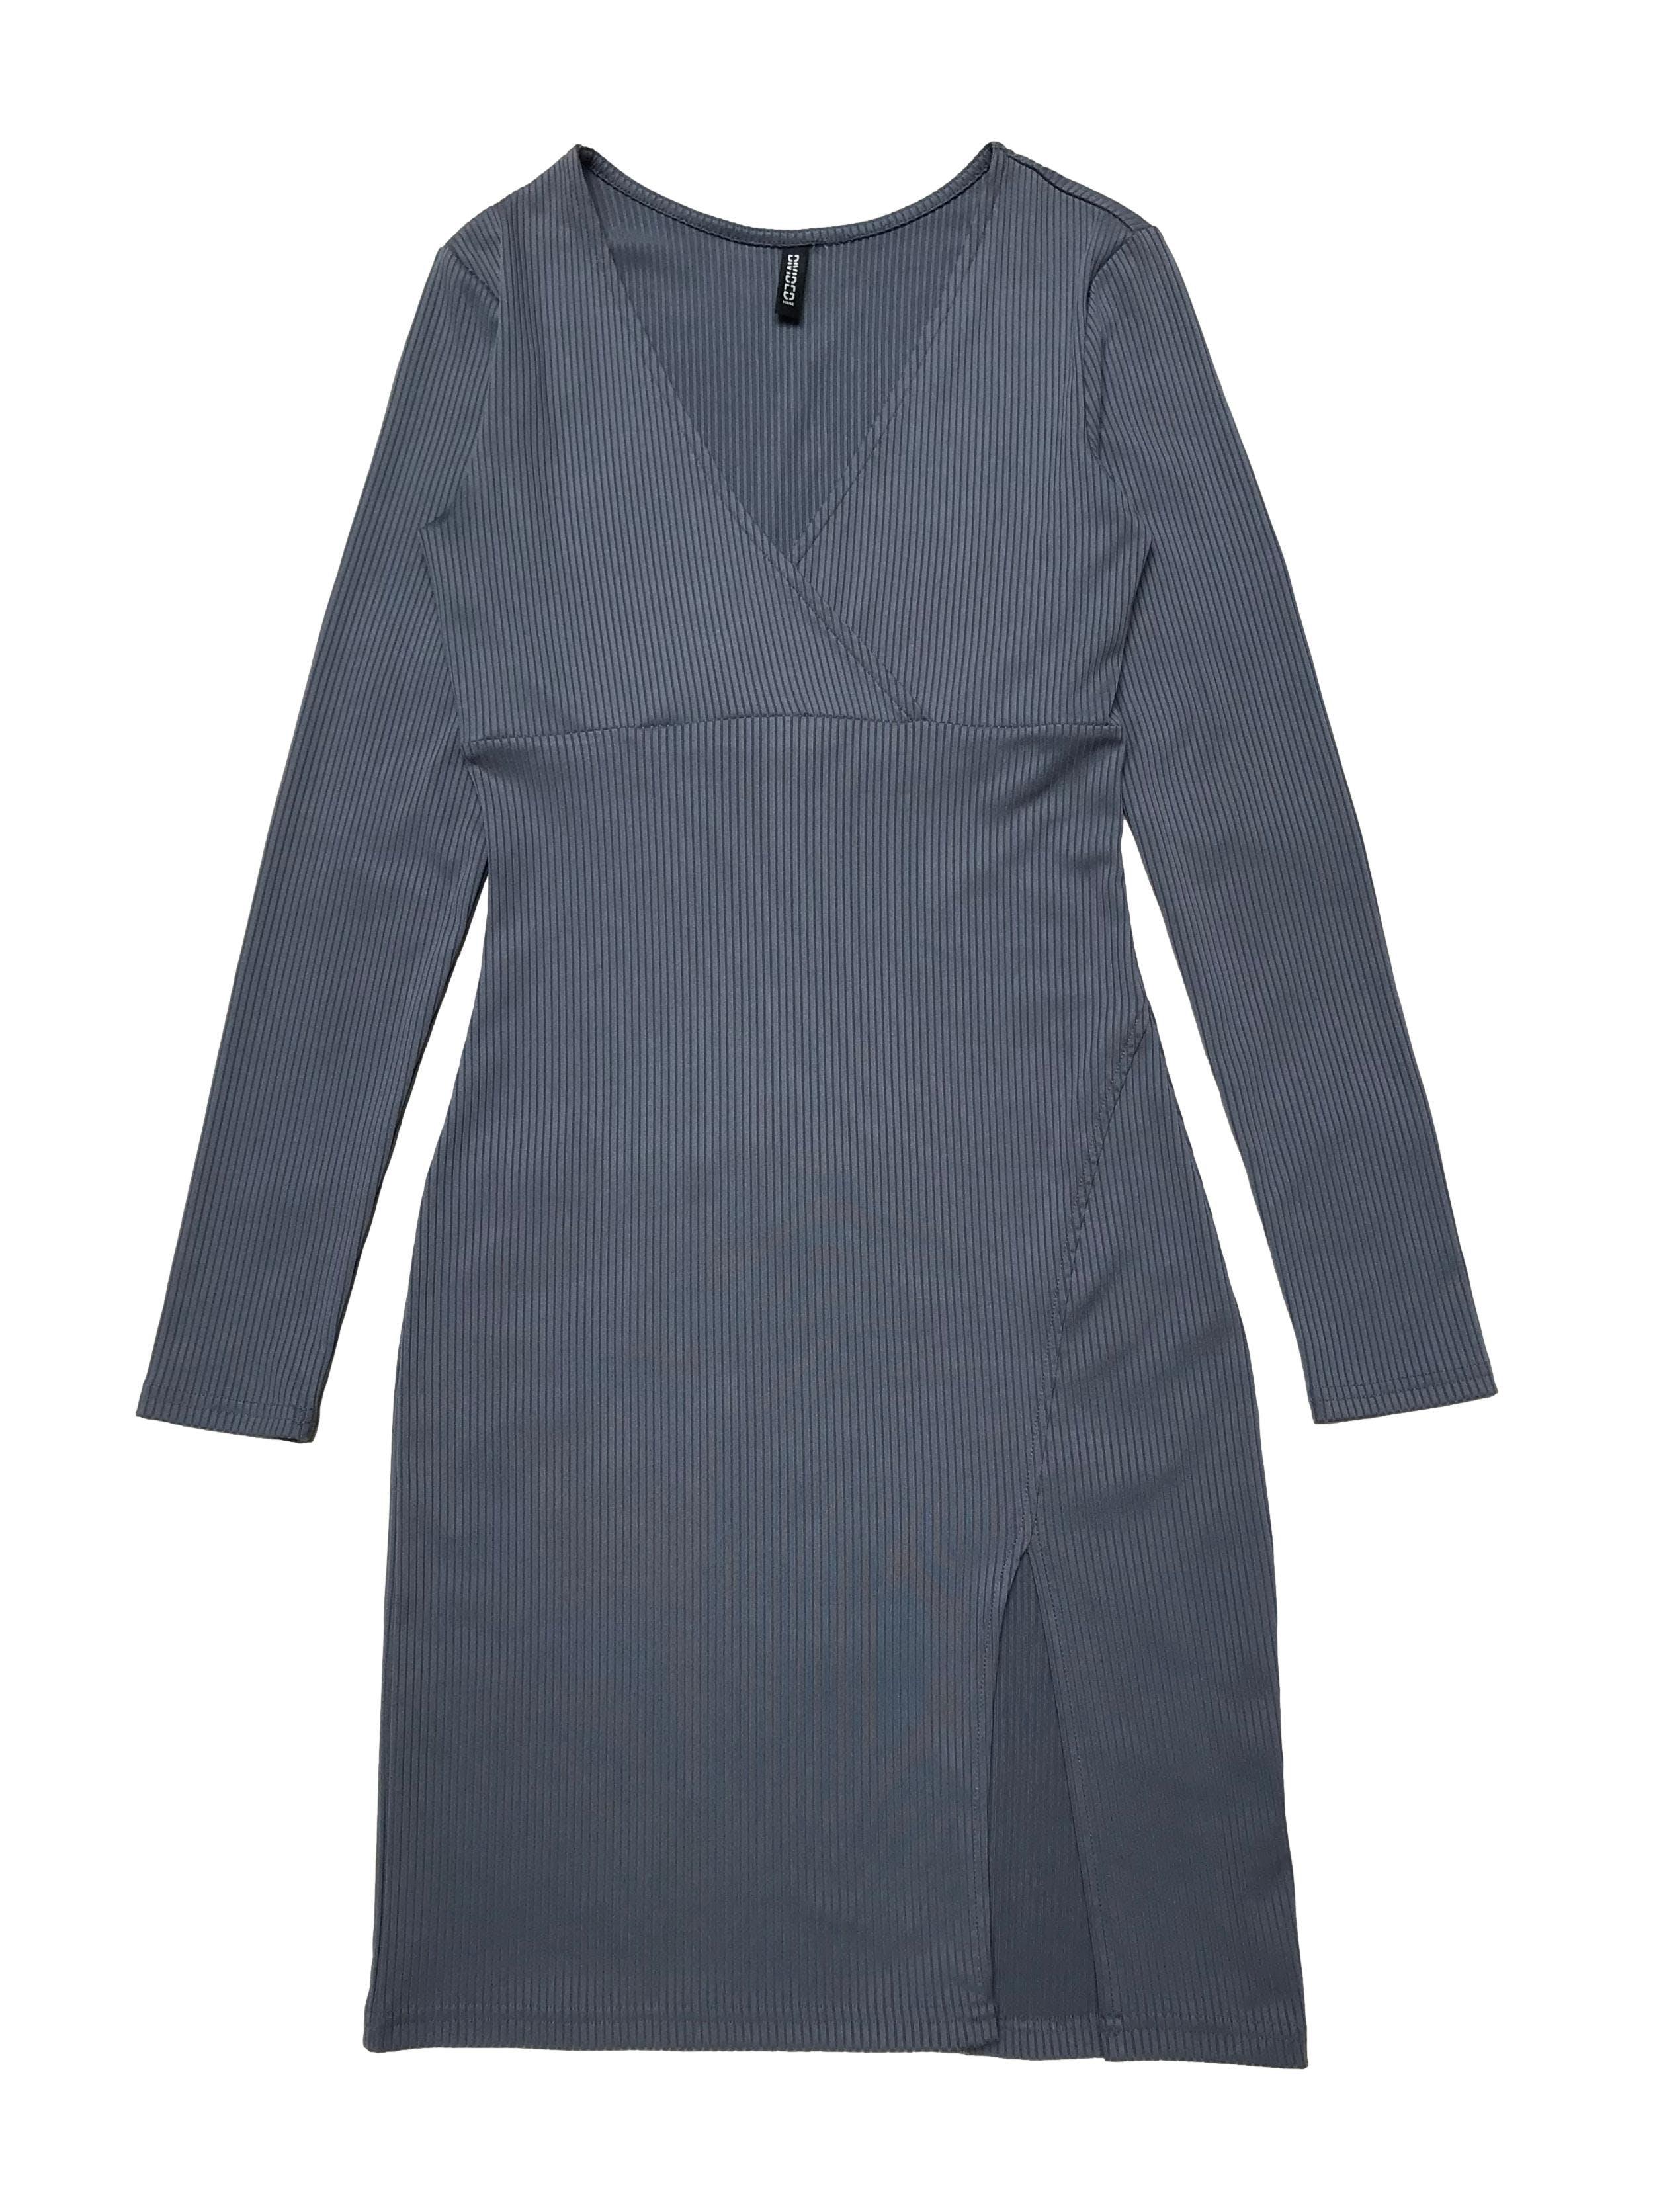 Vestido H&M manga larga stretch, textura acanalada y escote cruzado. Largo 90cm